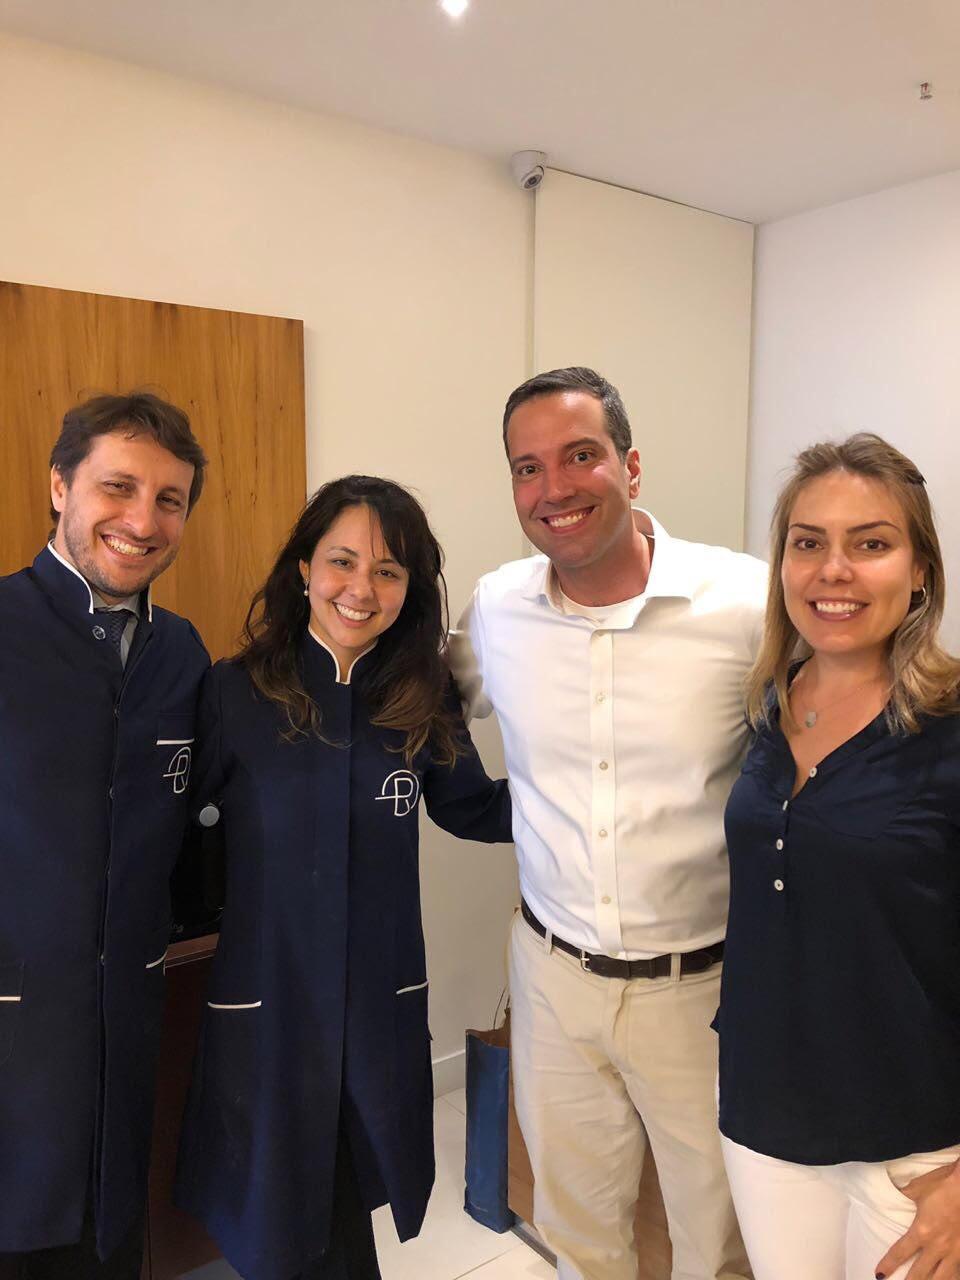 avaliação ortodôntica e escaneamento dentário para o sistema de aparelho transparente Invisalign com a Dra Flavia Mitiko e Dr Eduardo Rothier Barra da Tijuca Ipanema